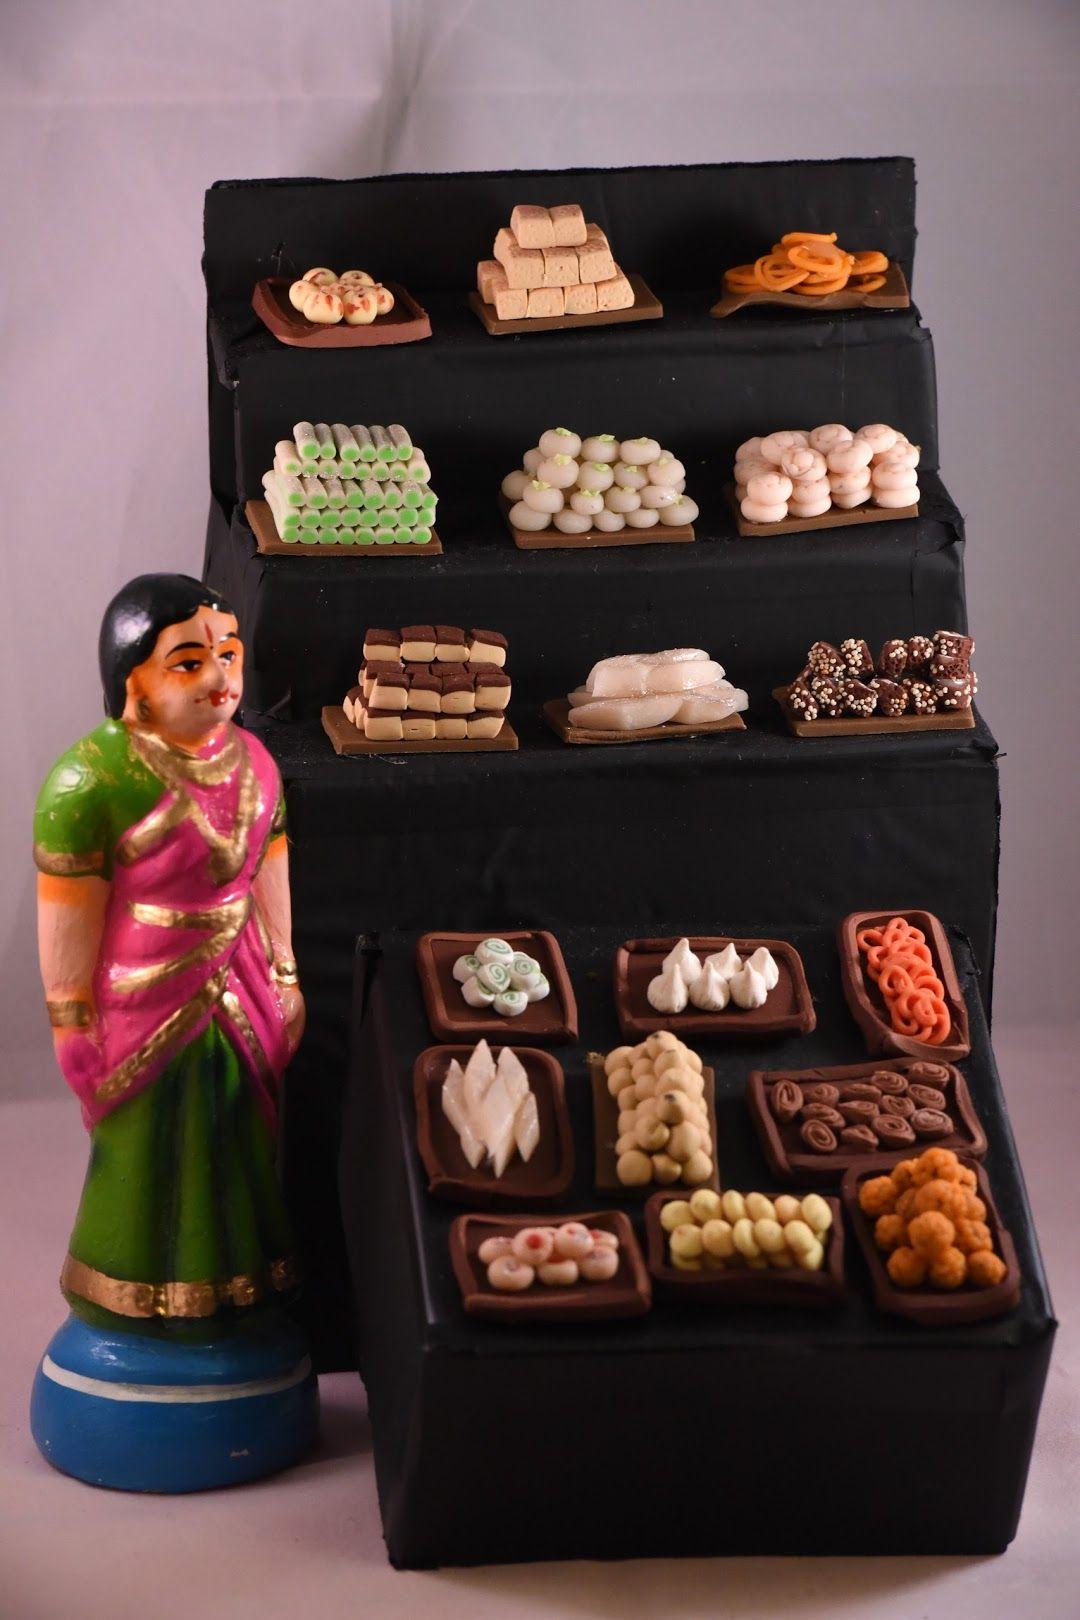 Kondapalli toys images   new photos  Album by arun kumar  Mini album  Pinterest  Dolls